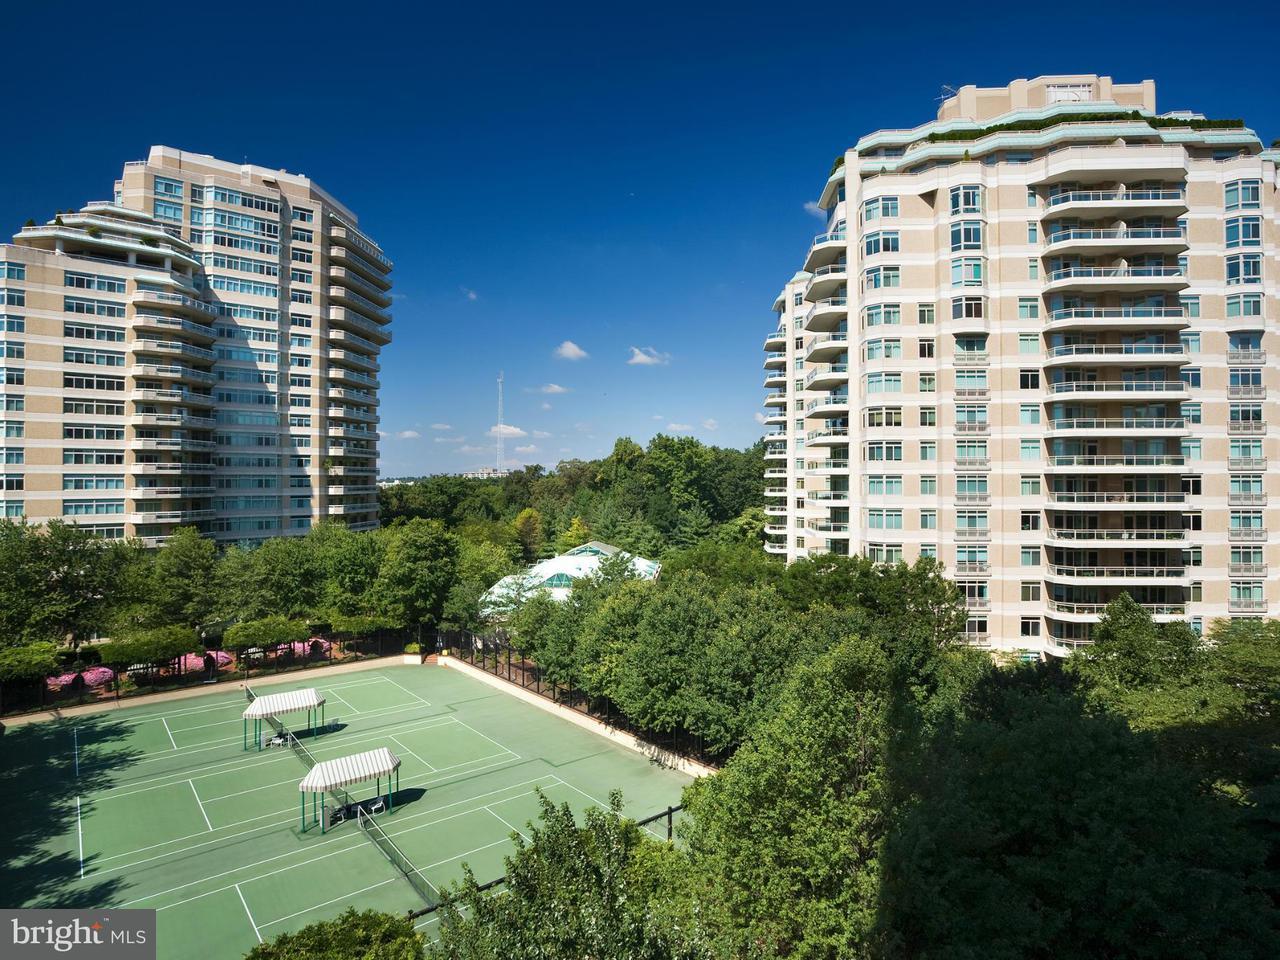 Eigentumswohnung für Verkauf beim 5610 WISCONSIN AVE #1102 5610 WISCONSIN AVE #1102 Chevy Chase, Maryland 20815 Vereinigte Staaten